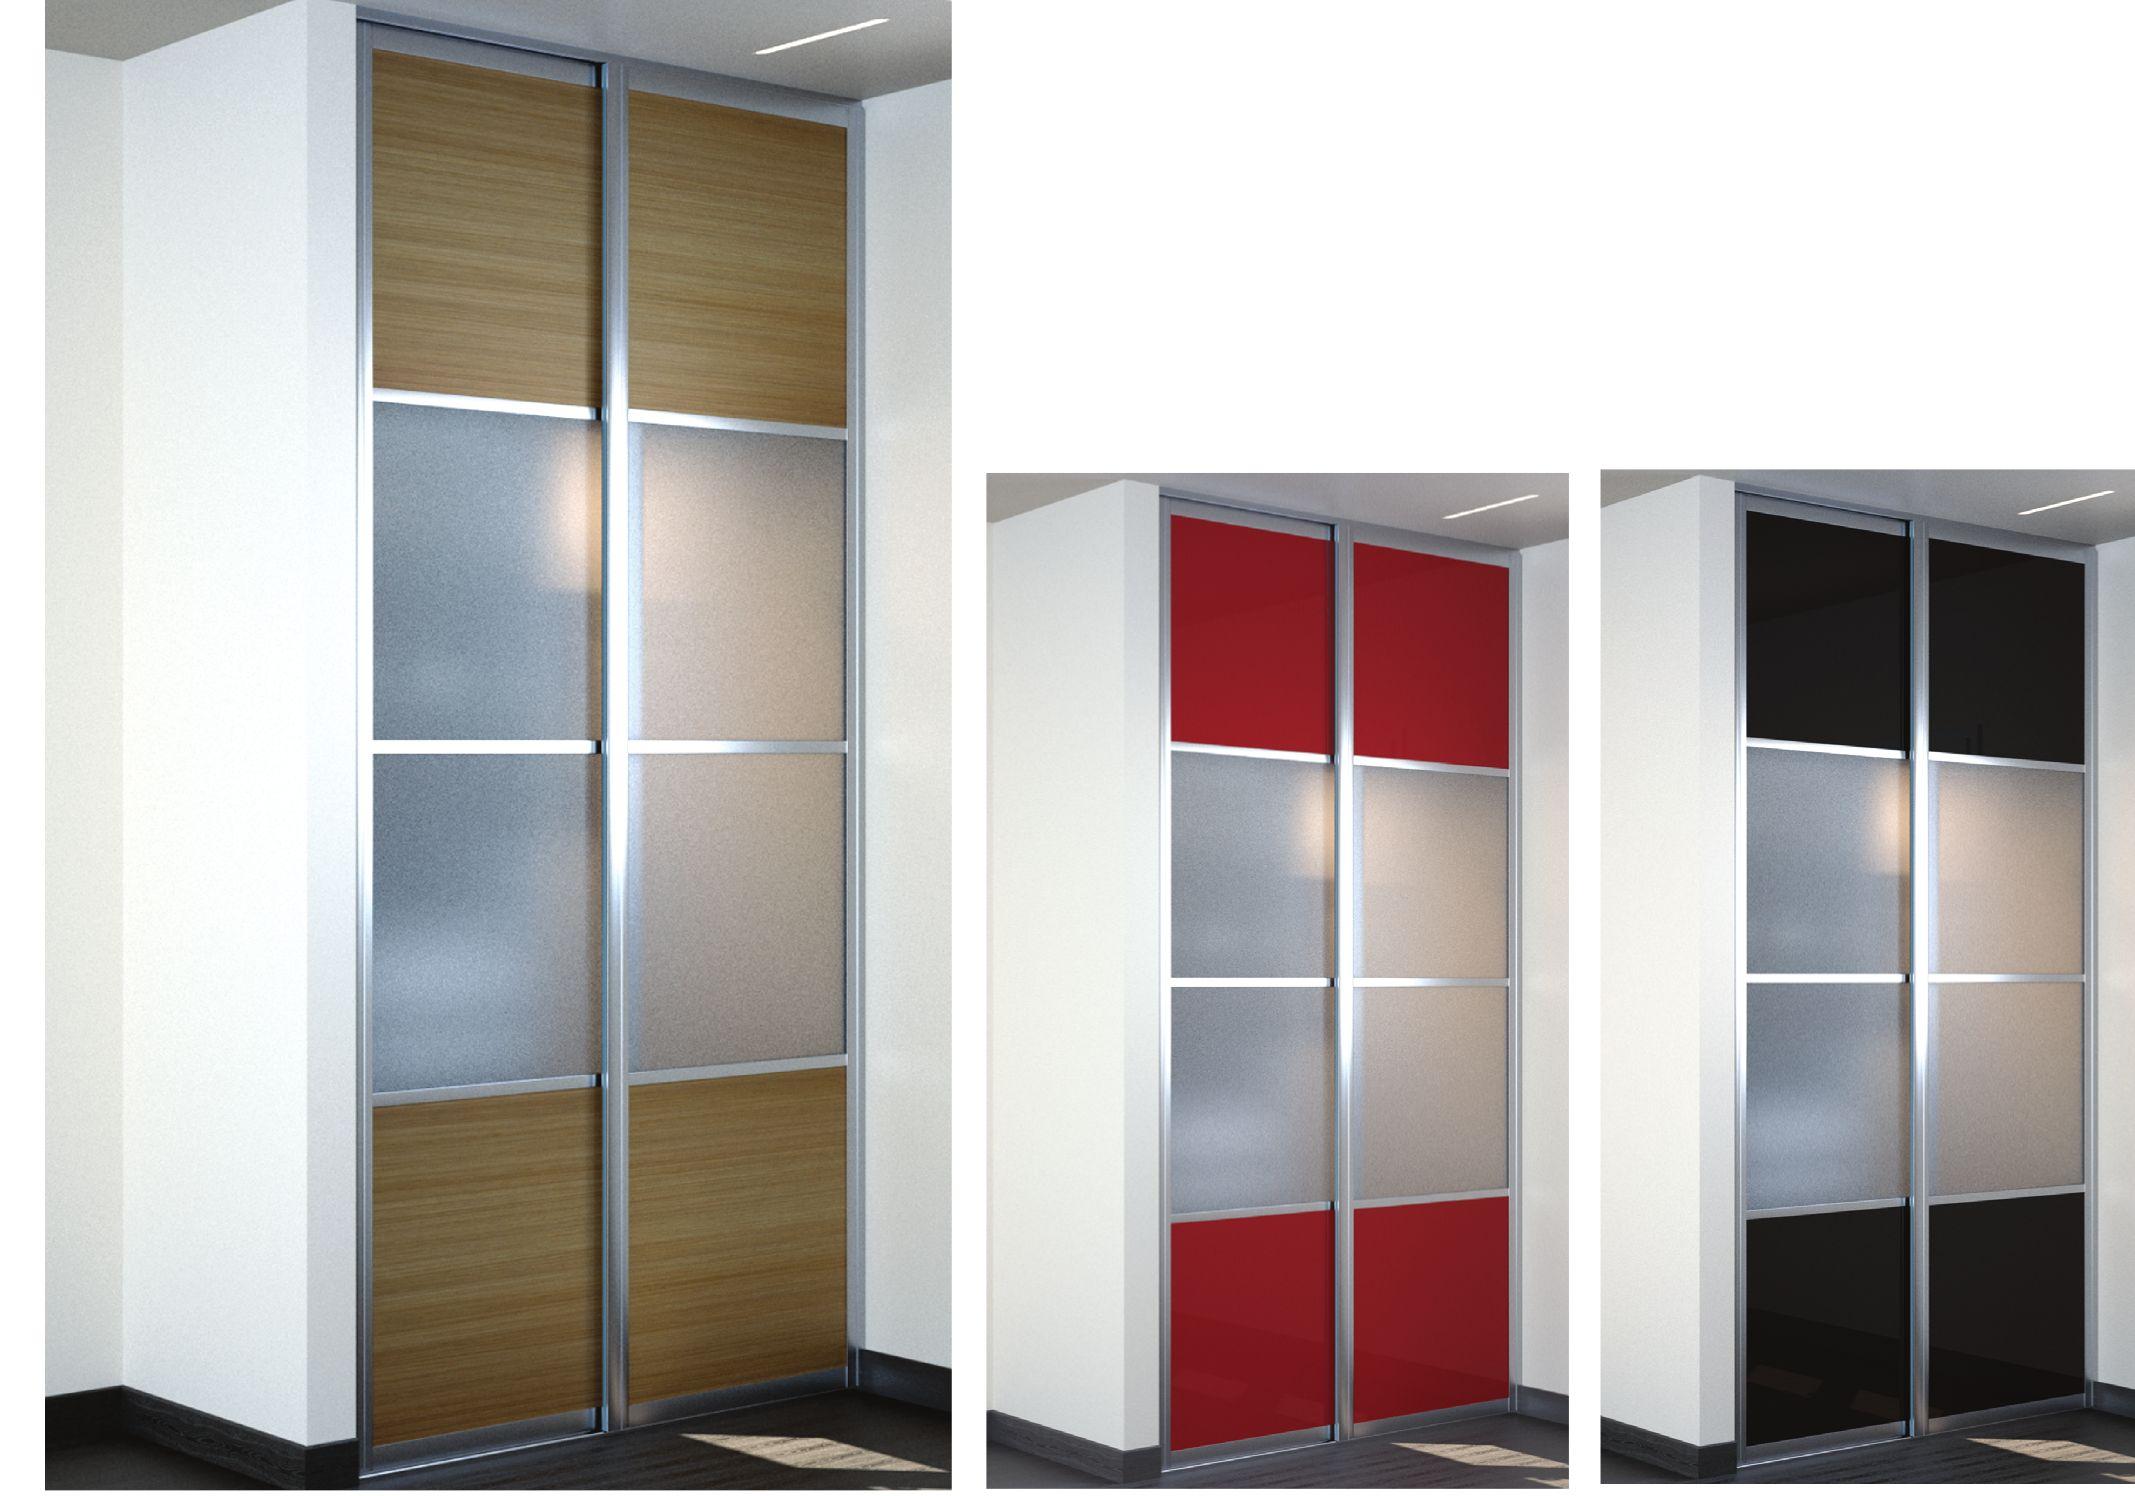 Notre habitat plus styl avec une porte coulissante - Porte de placard coulissante sur mesure ...